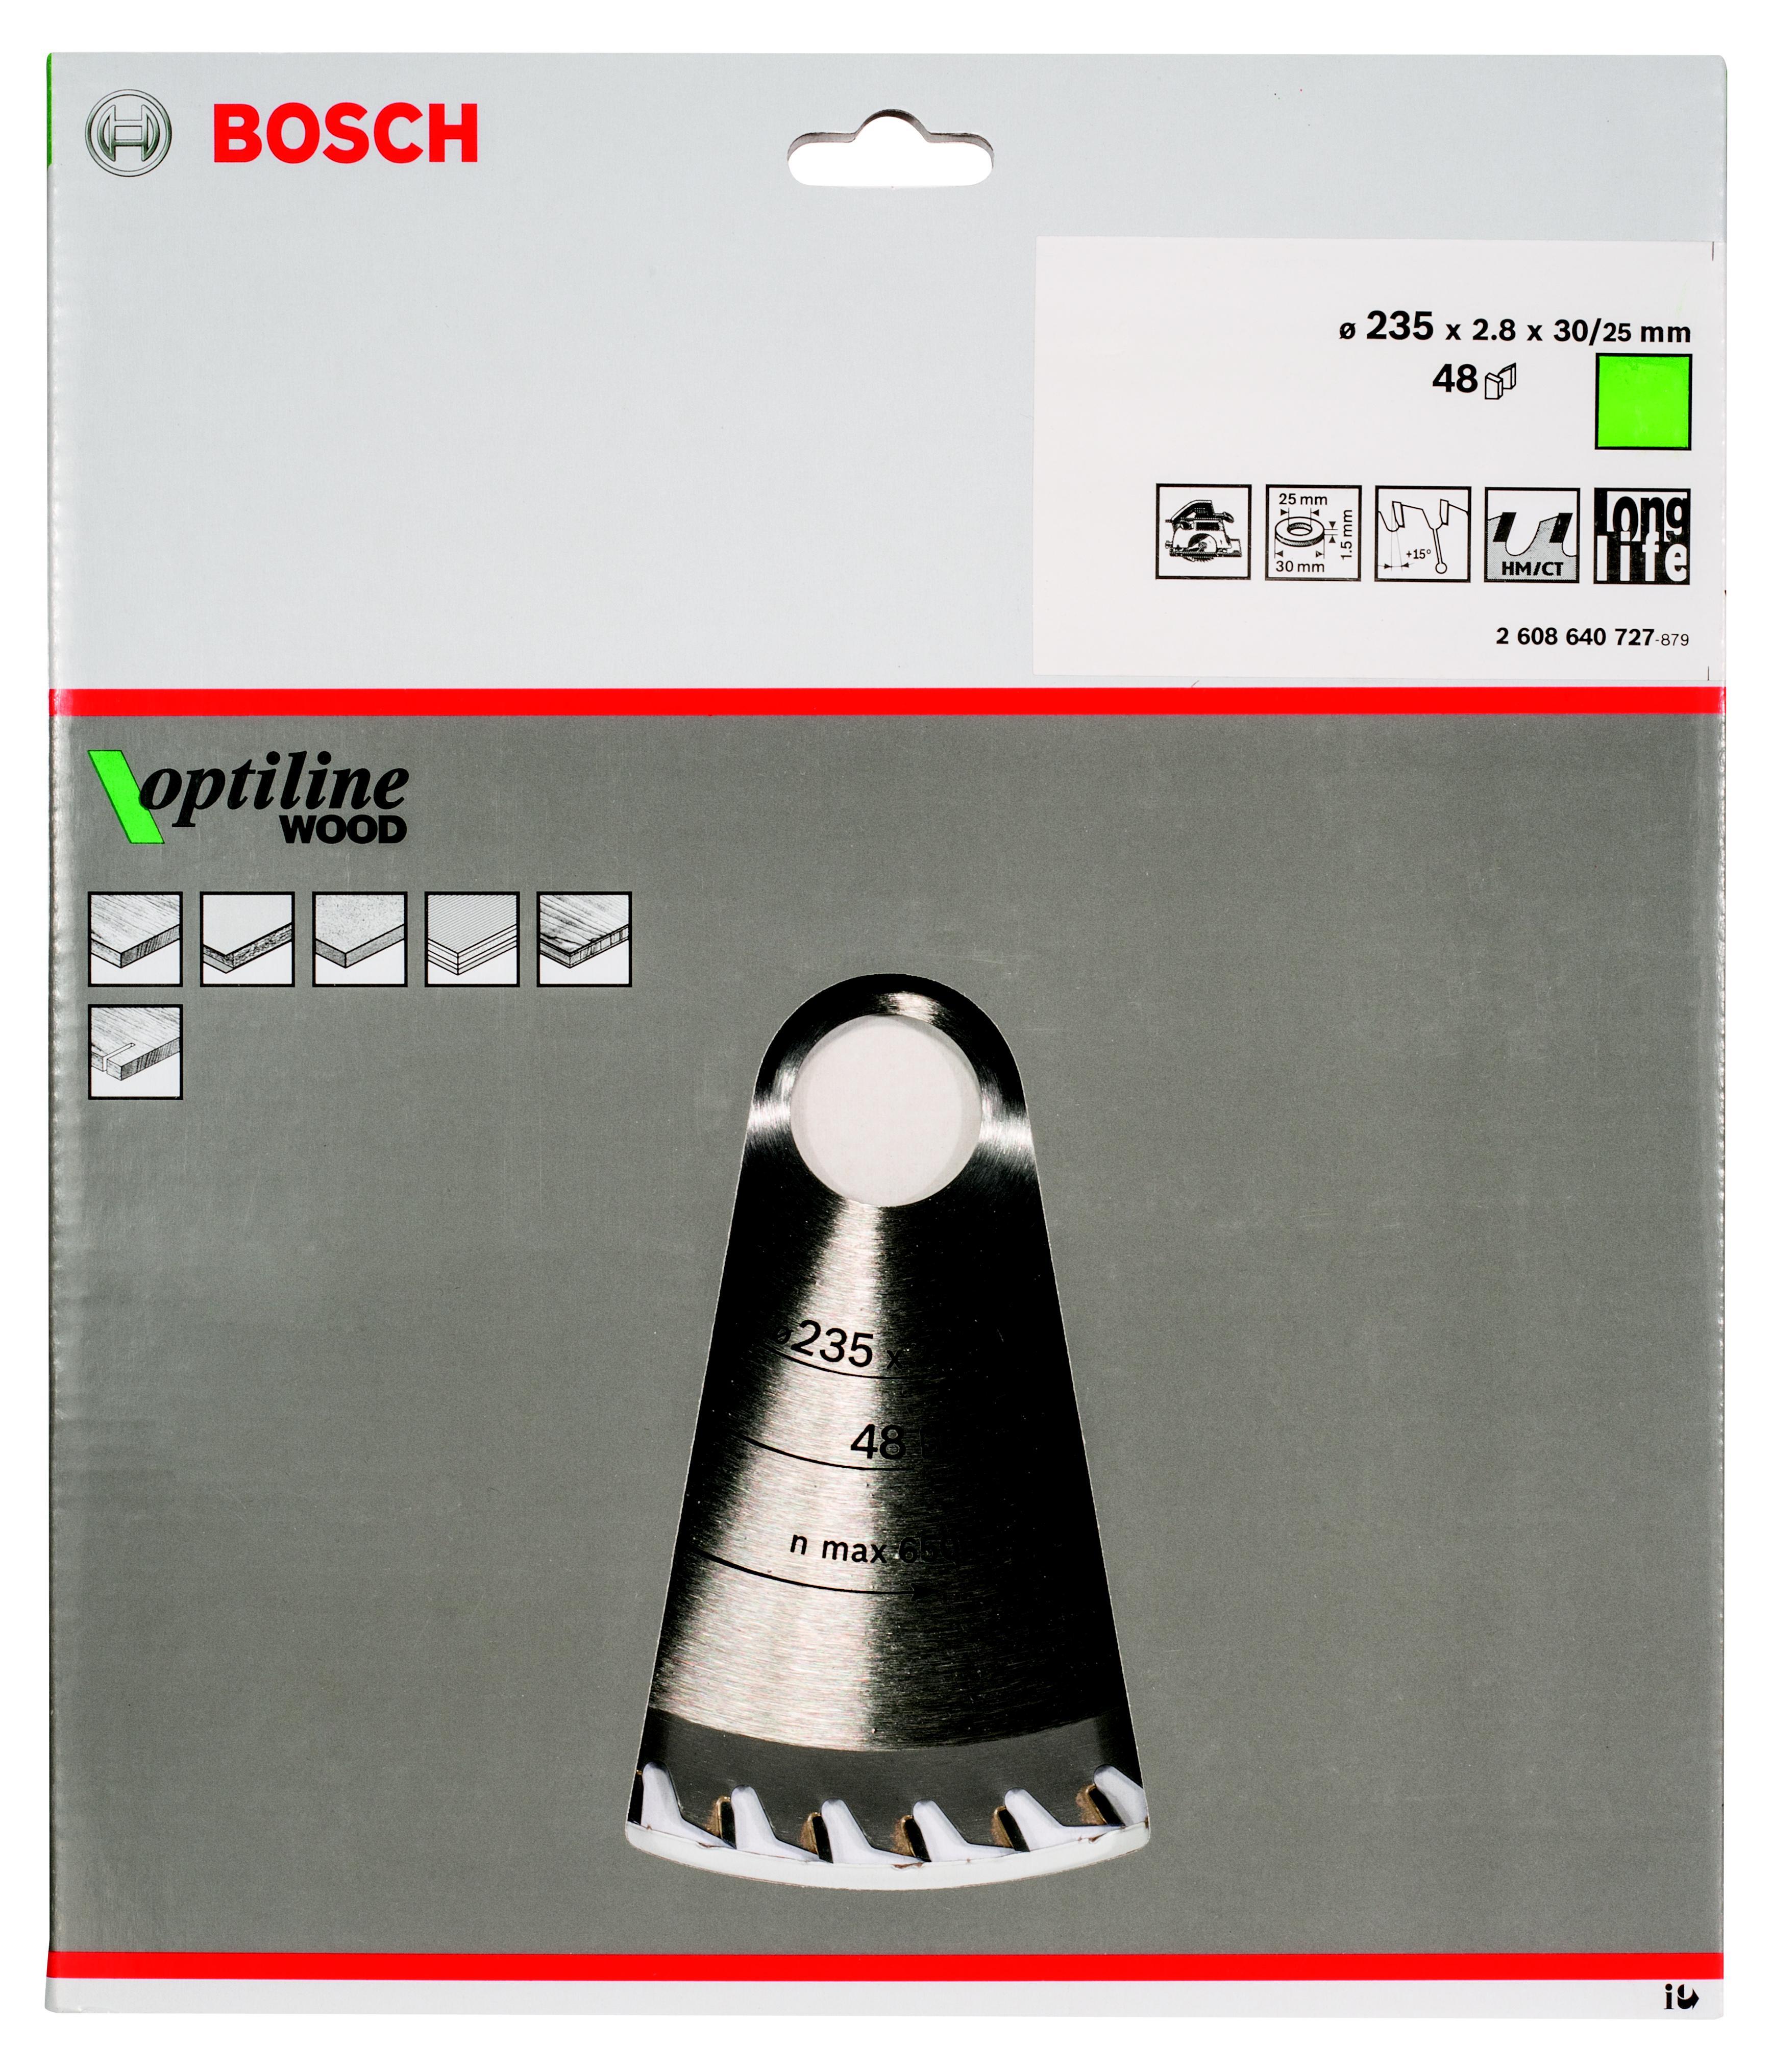 Диск пильный твердосплавный Bosch Optiline wood 235x48x30/25 (2.608.640.727) диск пильный твердосплавный bosch optiline wood 130x20x20 16 2 608 640 582